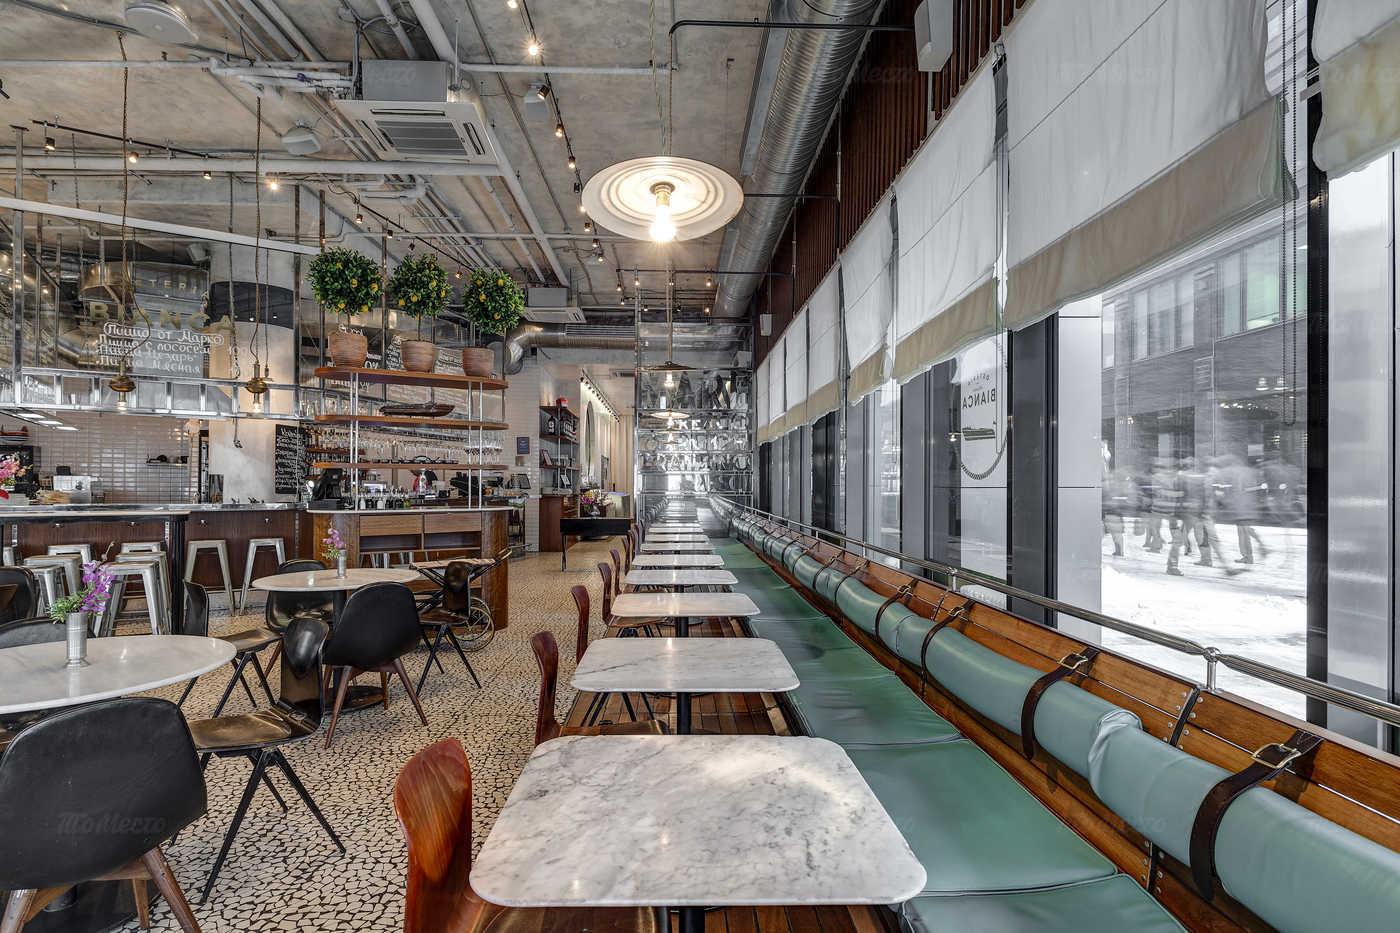 Ресторан Osteria Bianca (Остерия Бьянка) на улице Лесной  фото 7